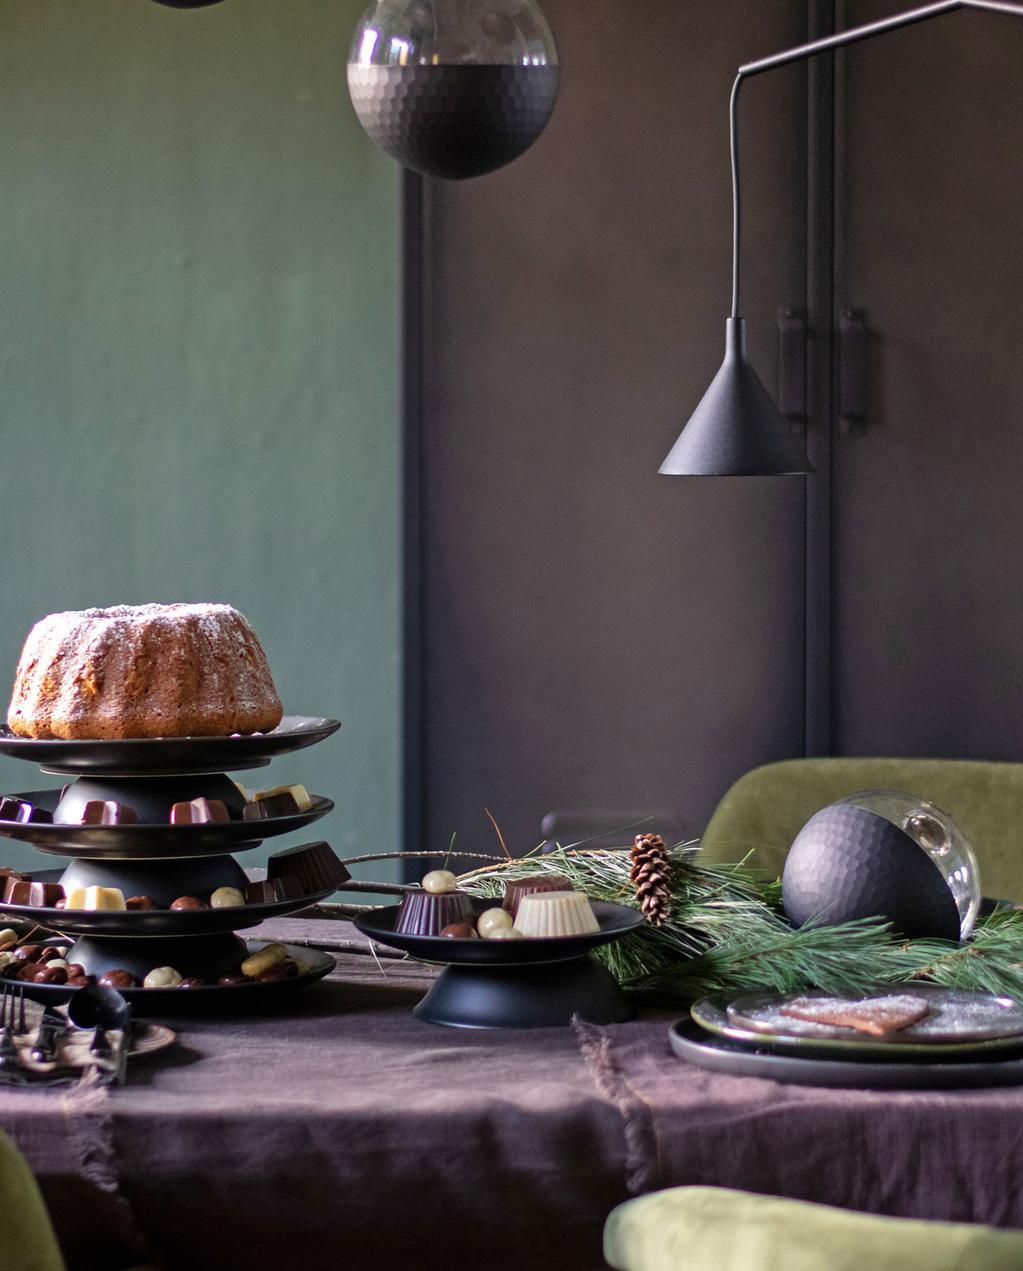 vtwonen vt tv stylingtips van marianne tafelstyling in zwart | kersttafel gedekt met zwart tafelkleed, etagere en groene stoelen